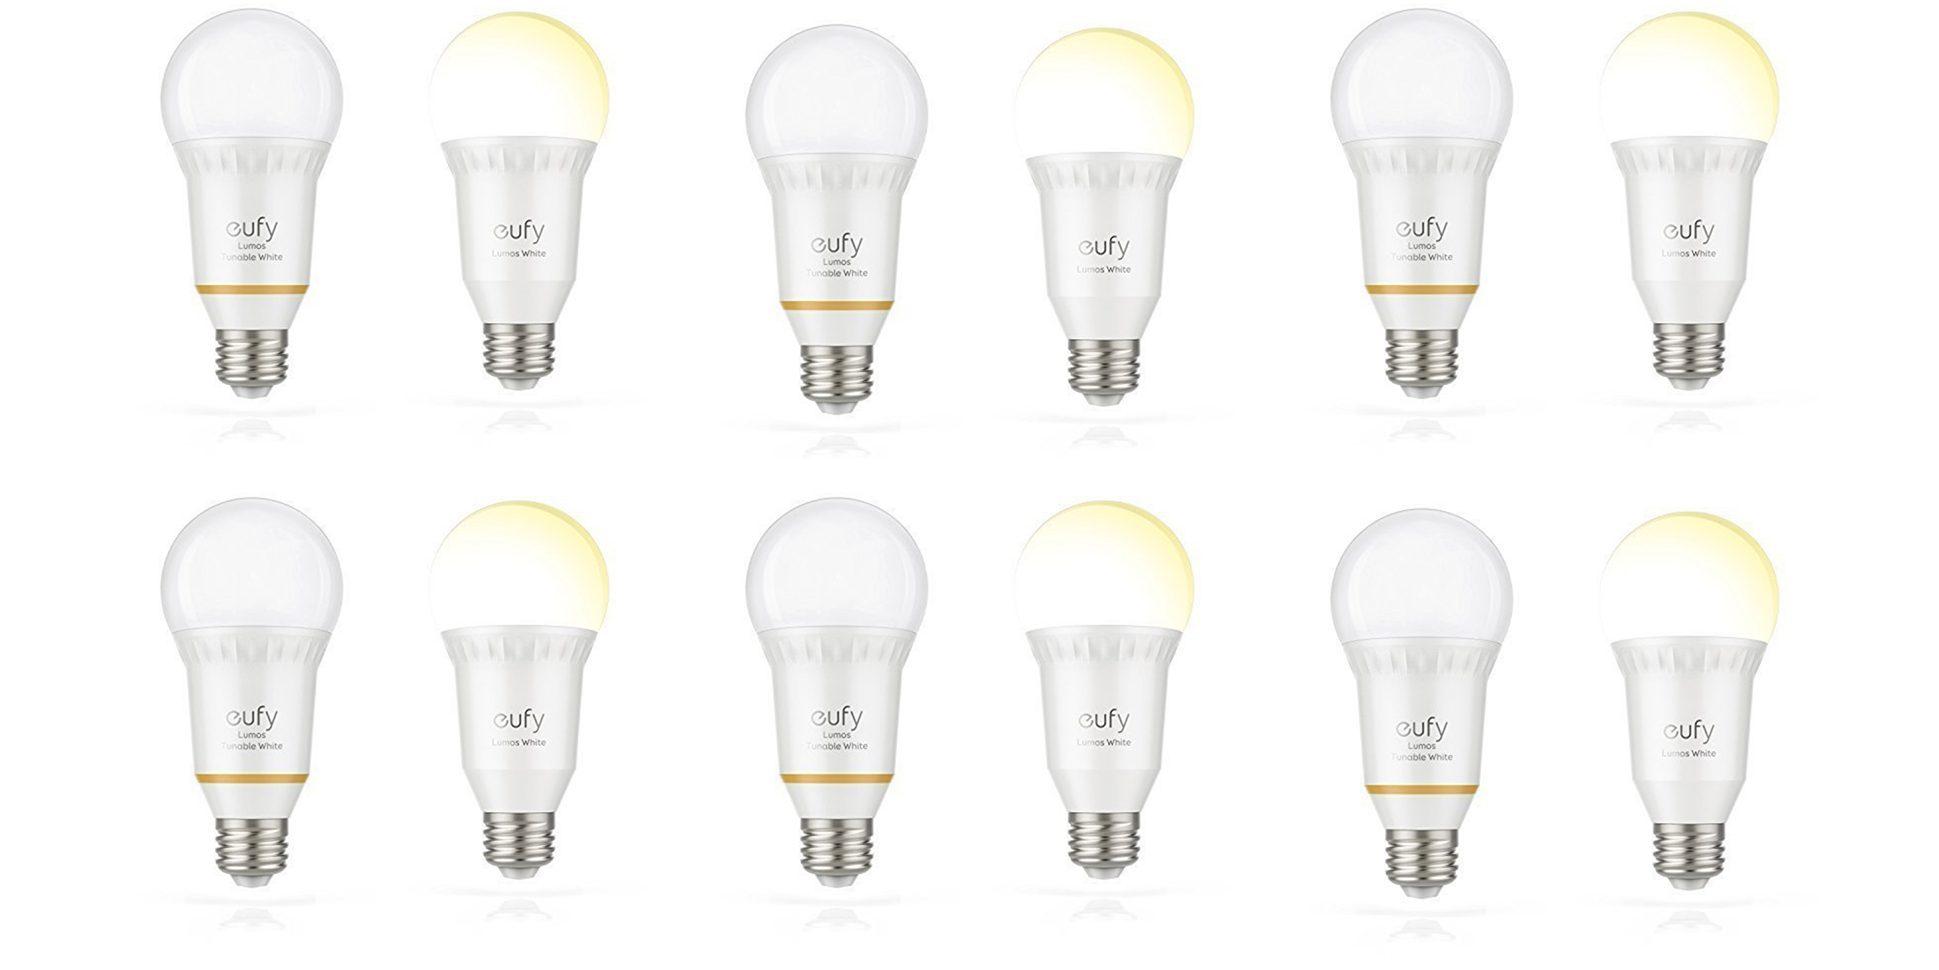 Green Deals Anker Eufy 60w A19 Smart Led Light Bulb 13 50 Reg 20 More Electrek